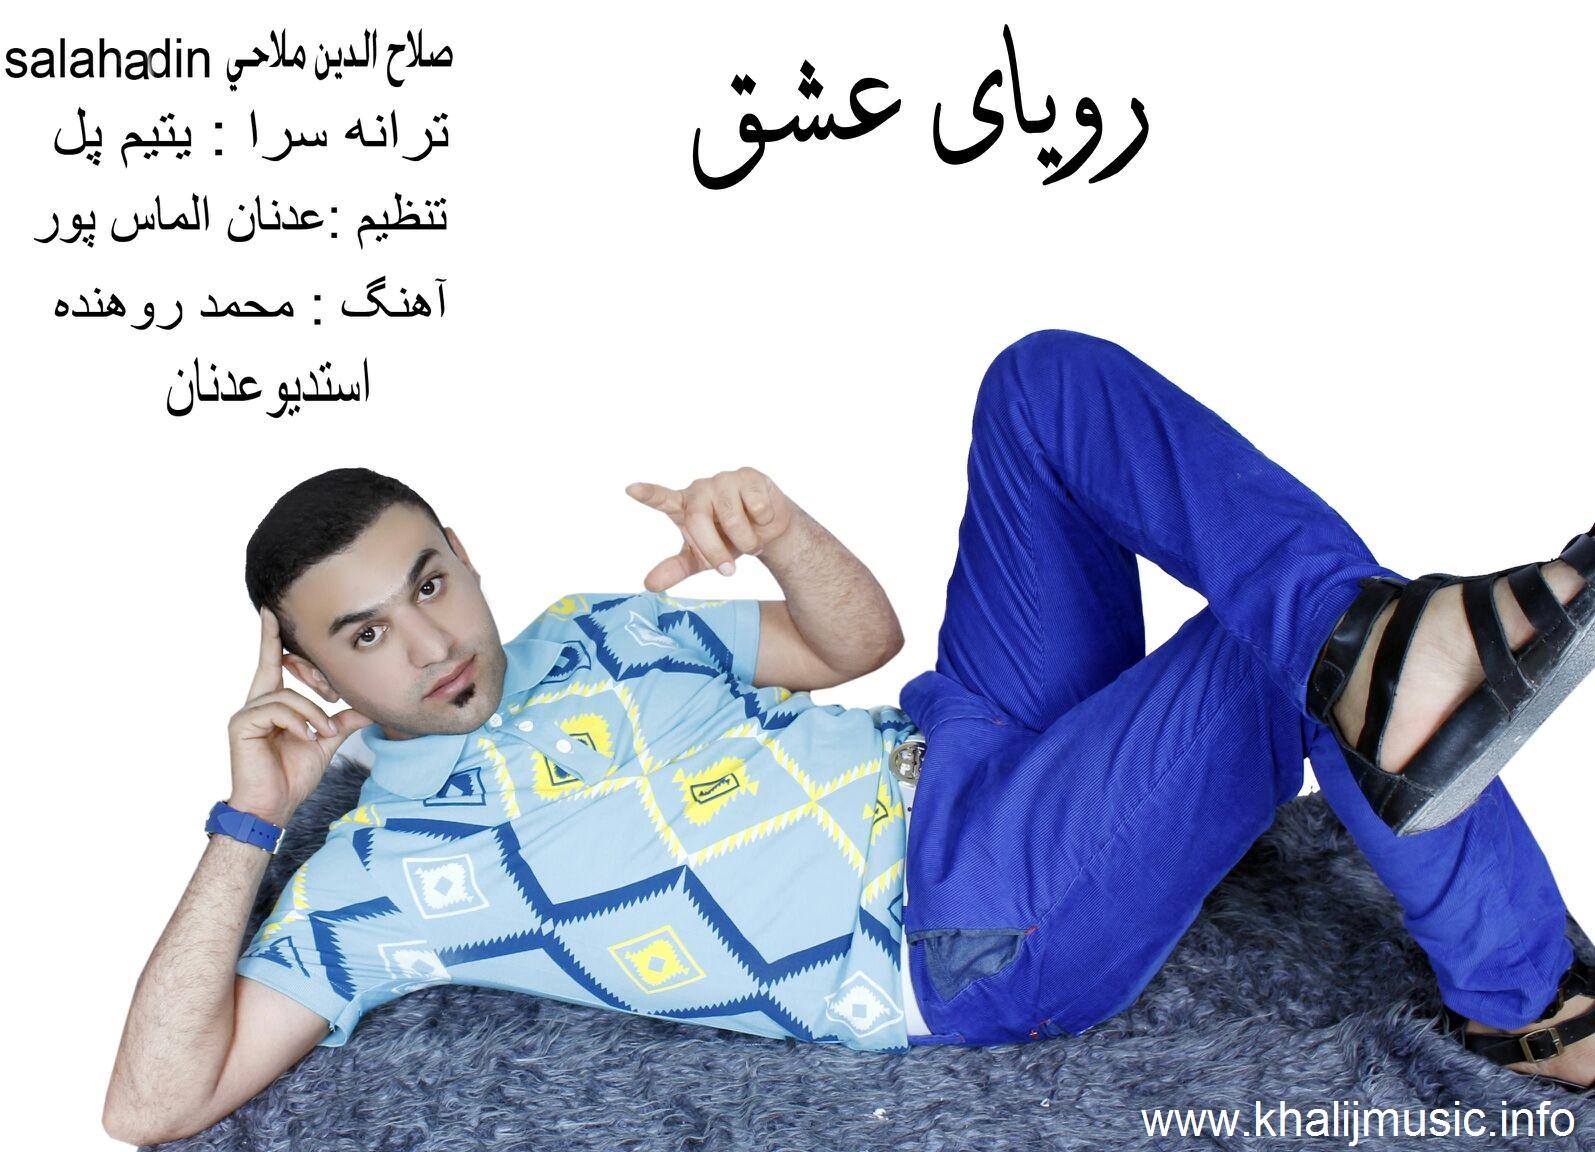 صلاح الدین ملاحی – رویای عشق